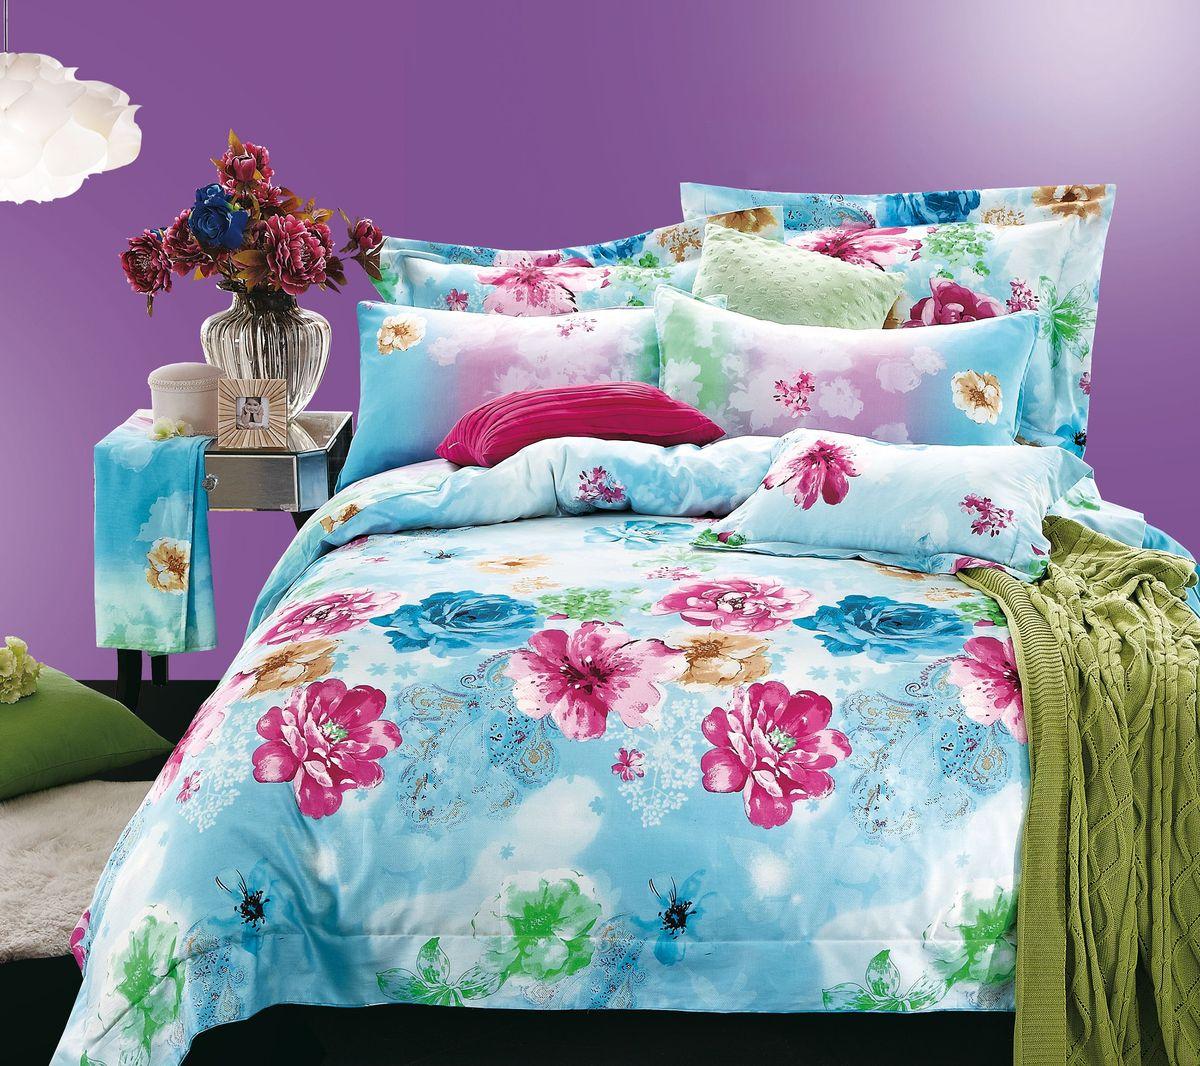 Комплект белья Коллекция Цветы, 2-спальный, наволочки 70x70. СЛ2/70/ОЗ/цвСЛ2/70/ОЗ/цвКомплект постельного белья Коллекция Цветы является экологически безопасным для всей семьи, так как выполнен из высококачественного сатина (100% хлопка). Комплект состоит из пододеяльника, простыни и двух наволочек. Сатин - производится из высших сортов хлопка, а своим блеском и легкостью напоминает шелк. Постельное белье из сатина превращает жаркие летние ночи в прохладные и освежающие, а холодные зимние - в теплые и согревающие.Советы по выбору постельного белья от блогера Ирины Соковых. Статья OZON Гид